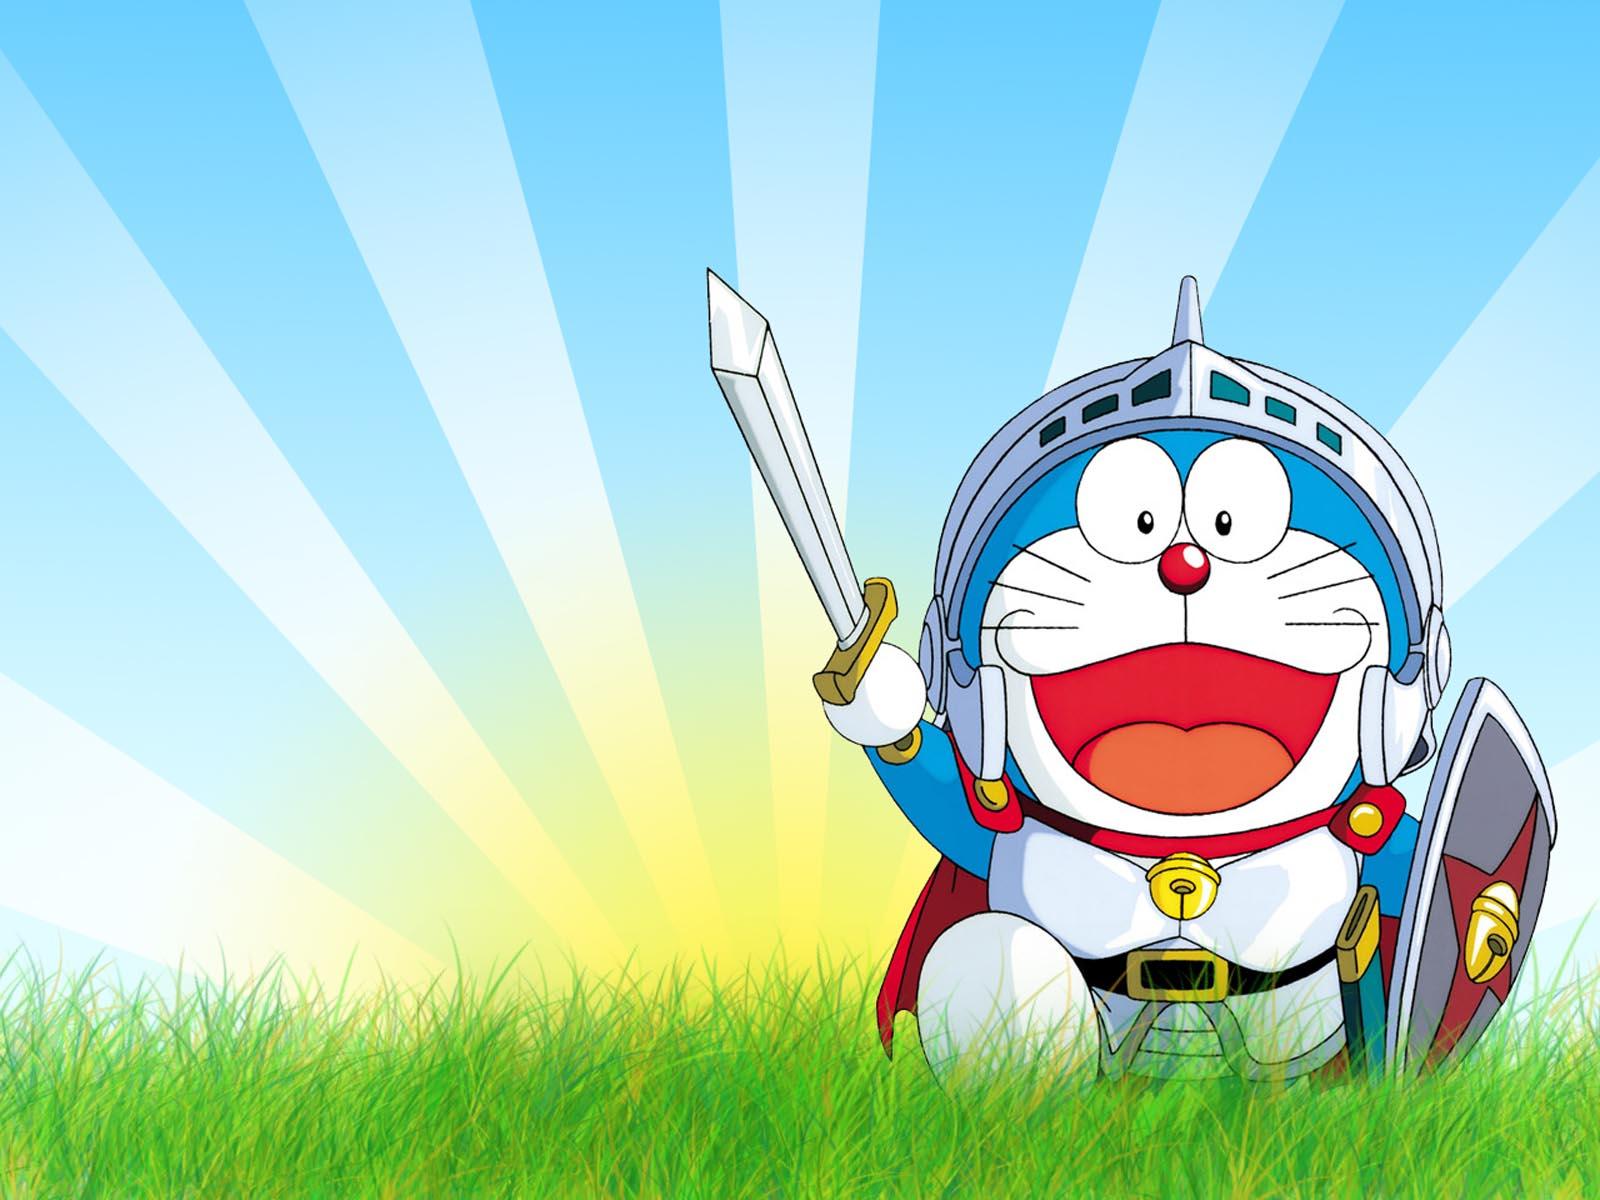 Doraemon computer wallpaper 49616 1600x1200 px hdwallsource doraemon computer wallpaper 49616 voltagebd Image collections